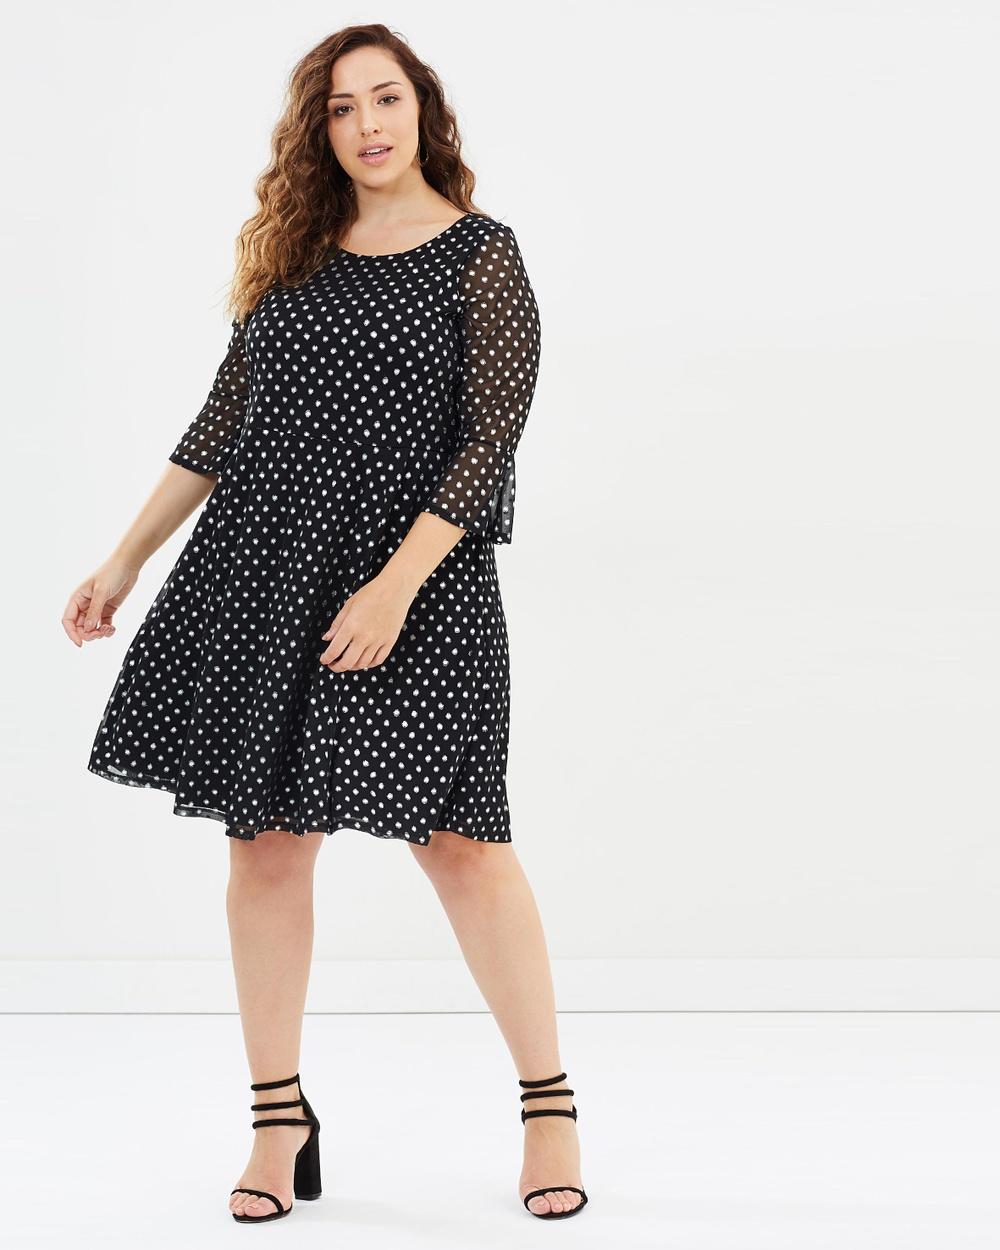 EVANS Spot Mesh Skater Dress Printed Dresses Black Spot Mesh Skater Dress